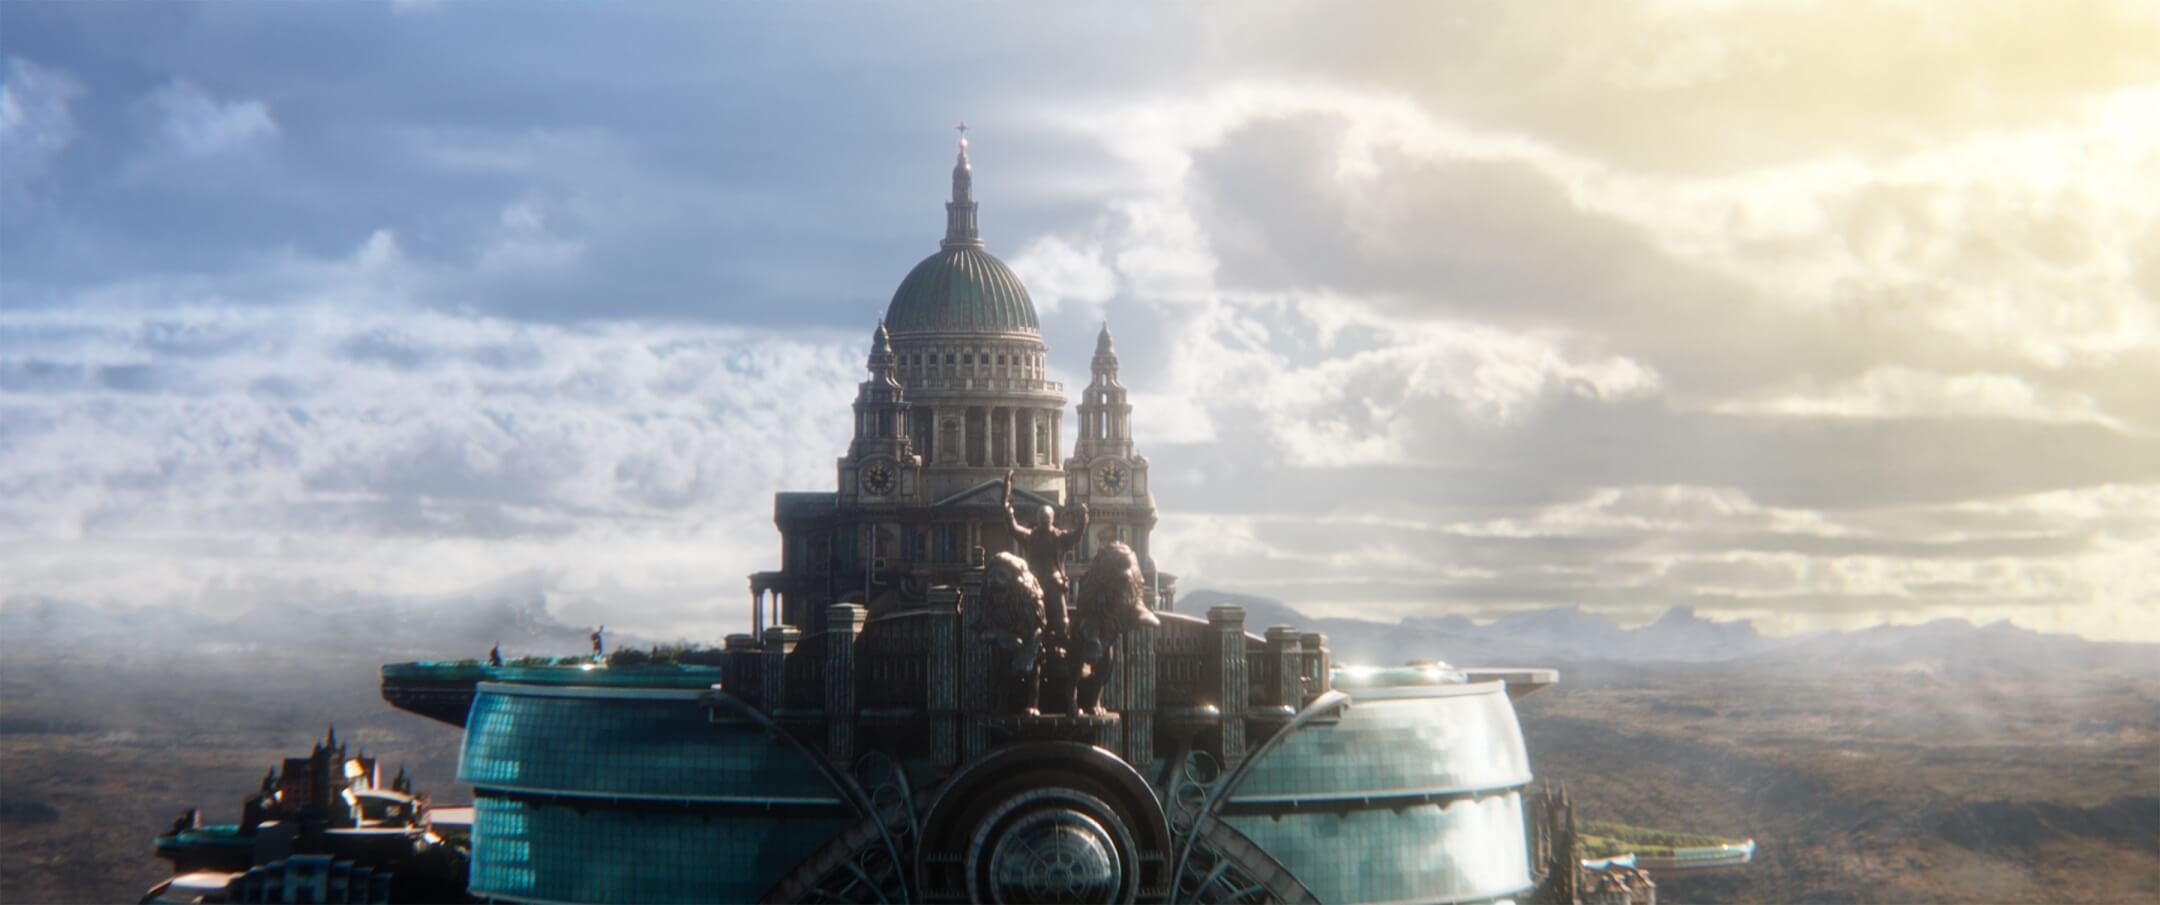 《 移動城市:致命引擎 》劇照 哈比人 團隊 精心打造科幻冒險氣氛 視覺特效精細